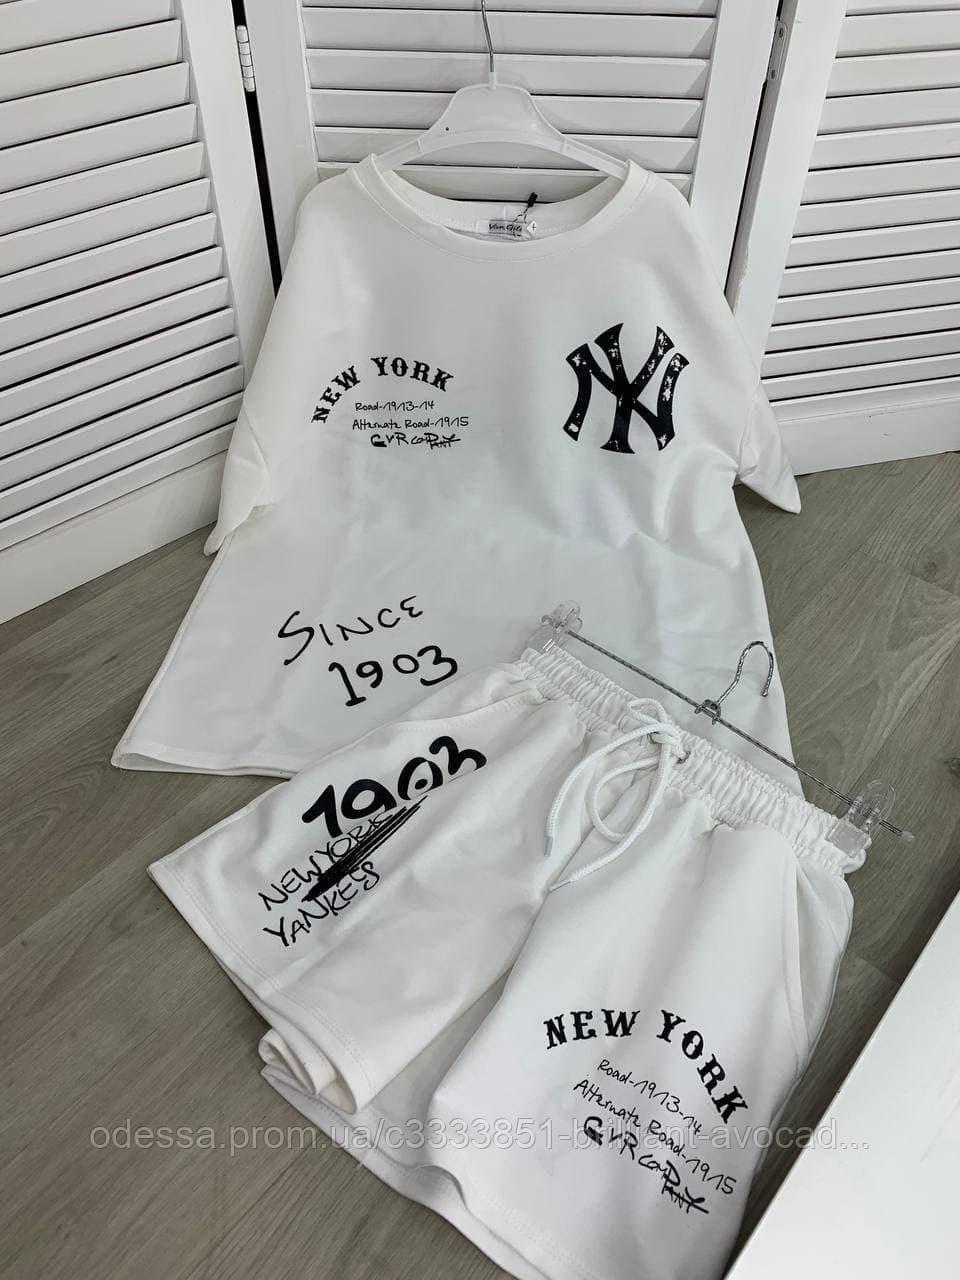 Жіночий прогулянковий літній костюм (футболка і шорти) з принтом New York